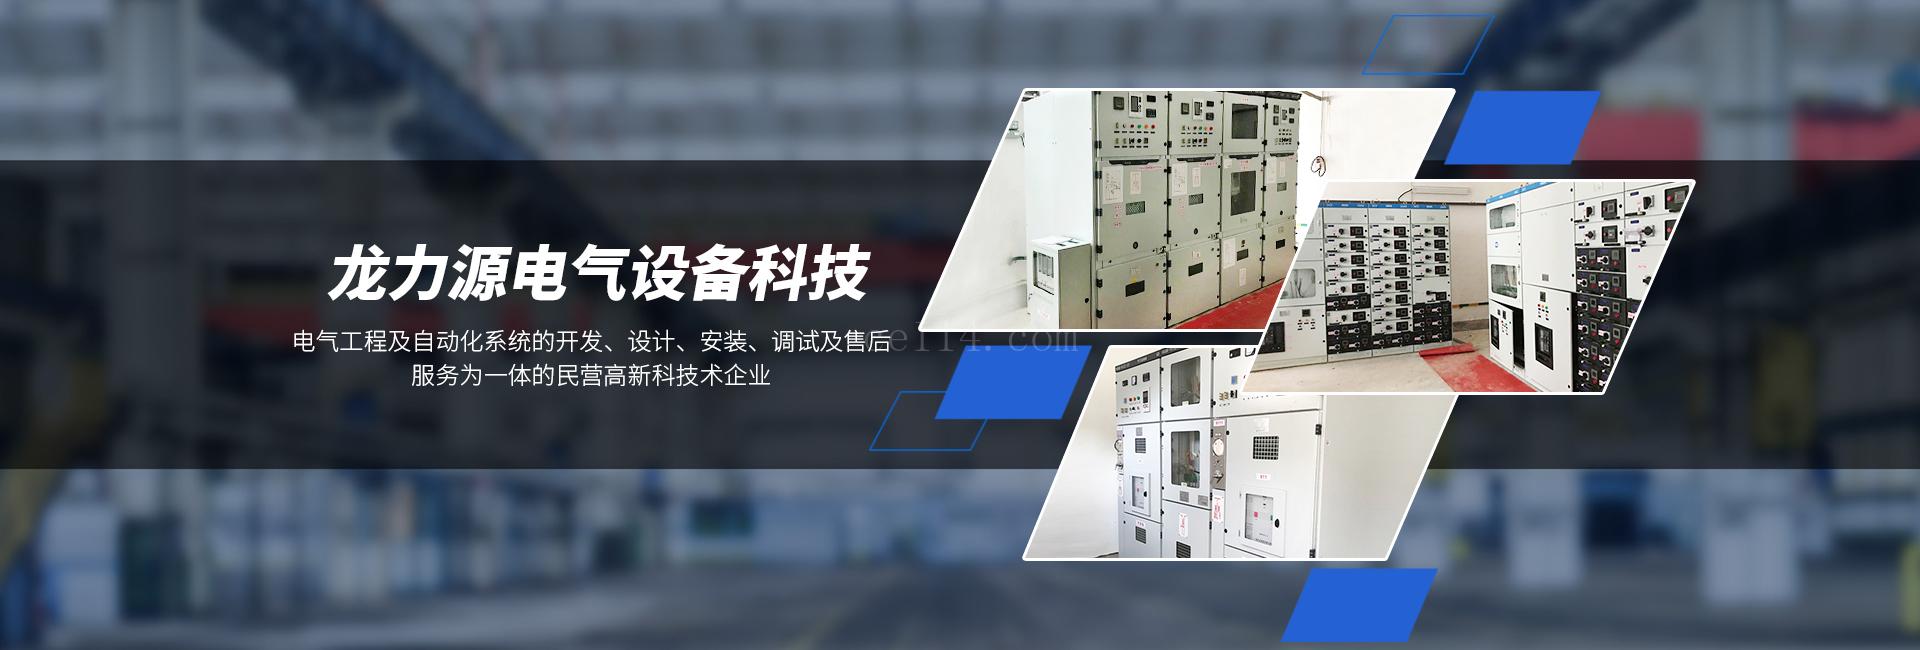 公司簡介-福建龍力源電氣設備科技有限公司